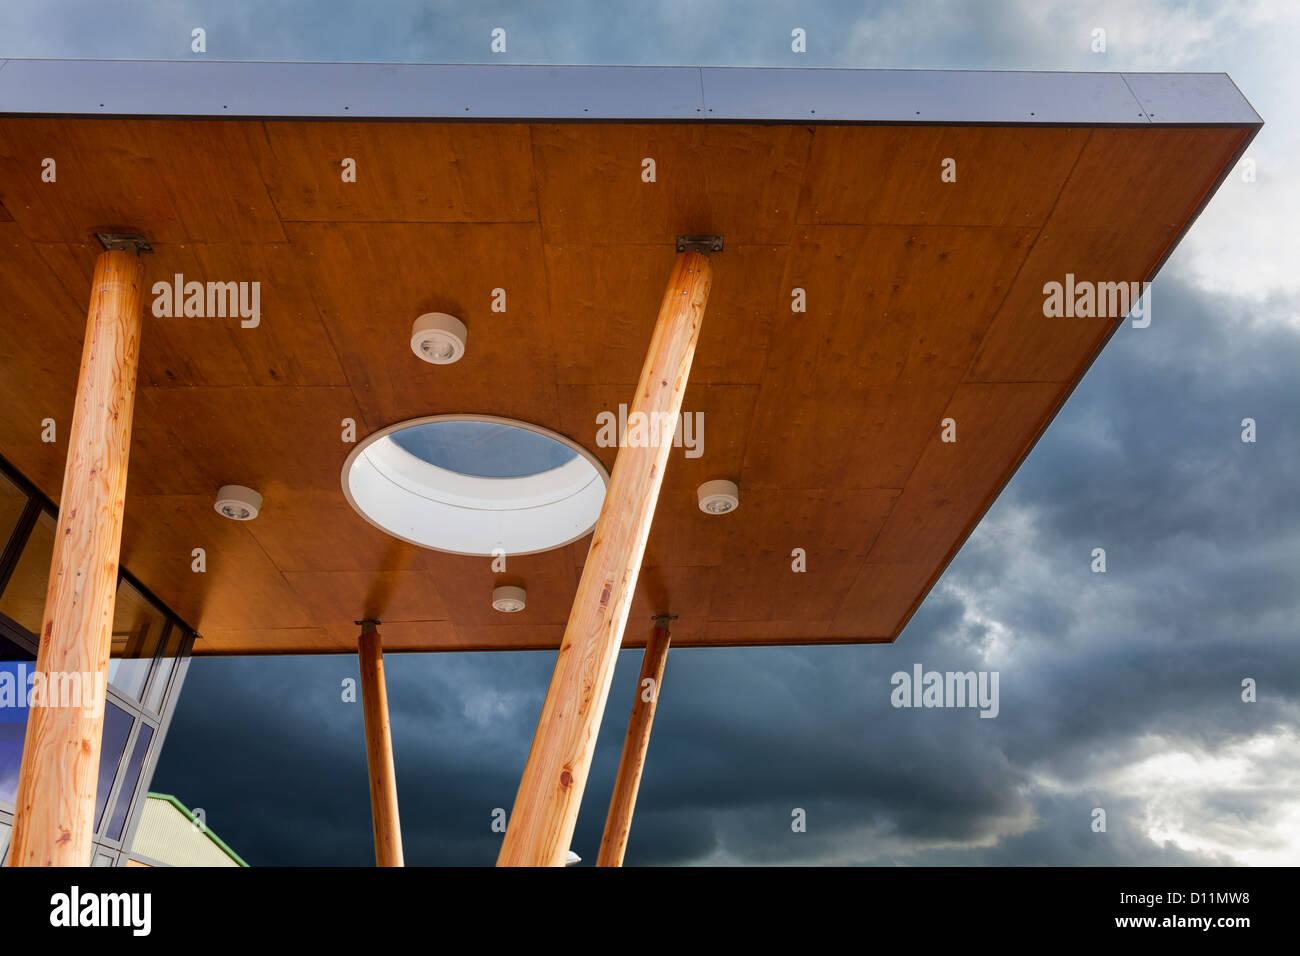 La arquitectura moderna marquesina con pilares de madera contra el cielo. Imagen De Stock